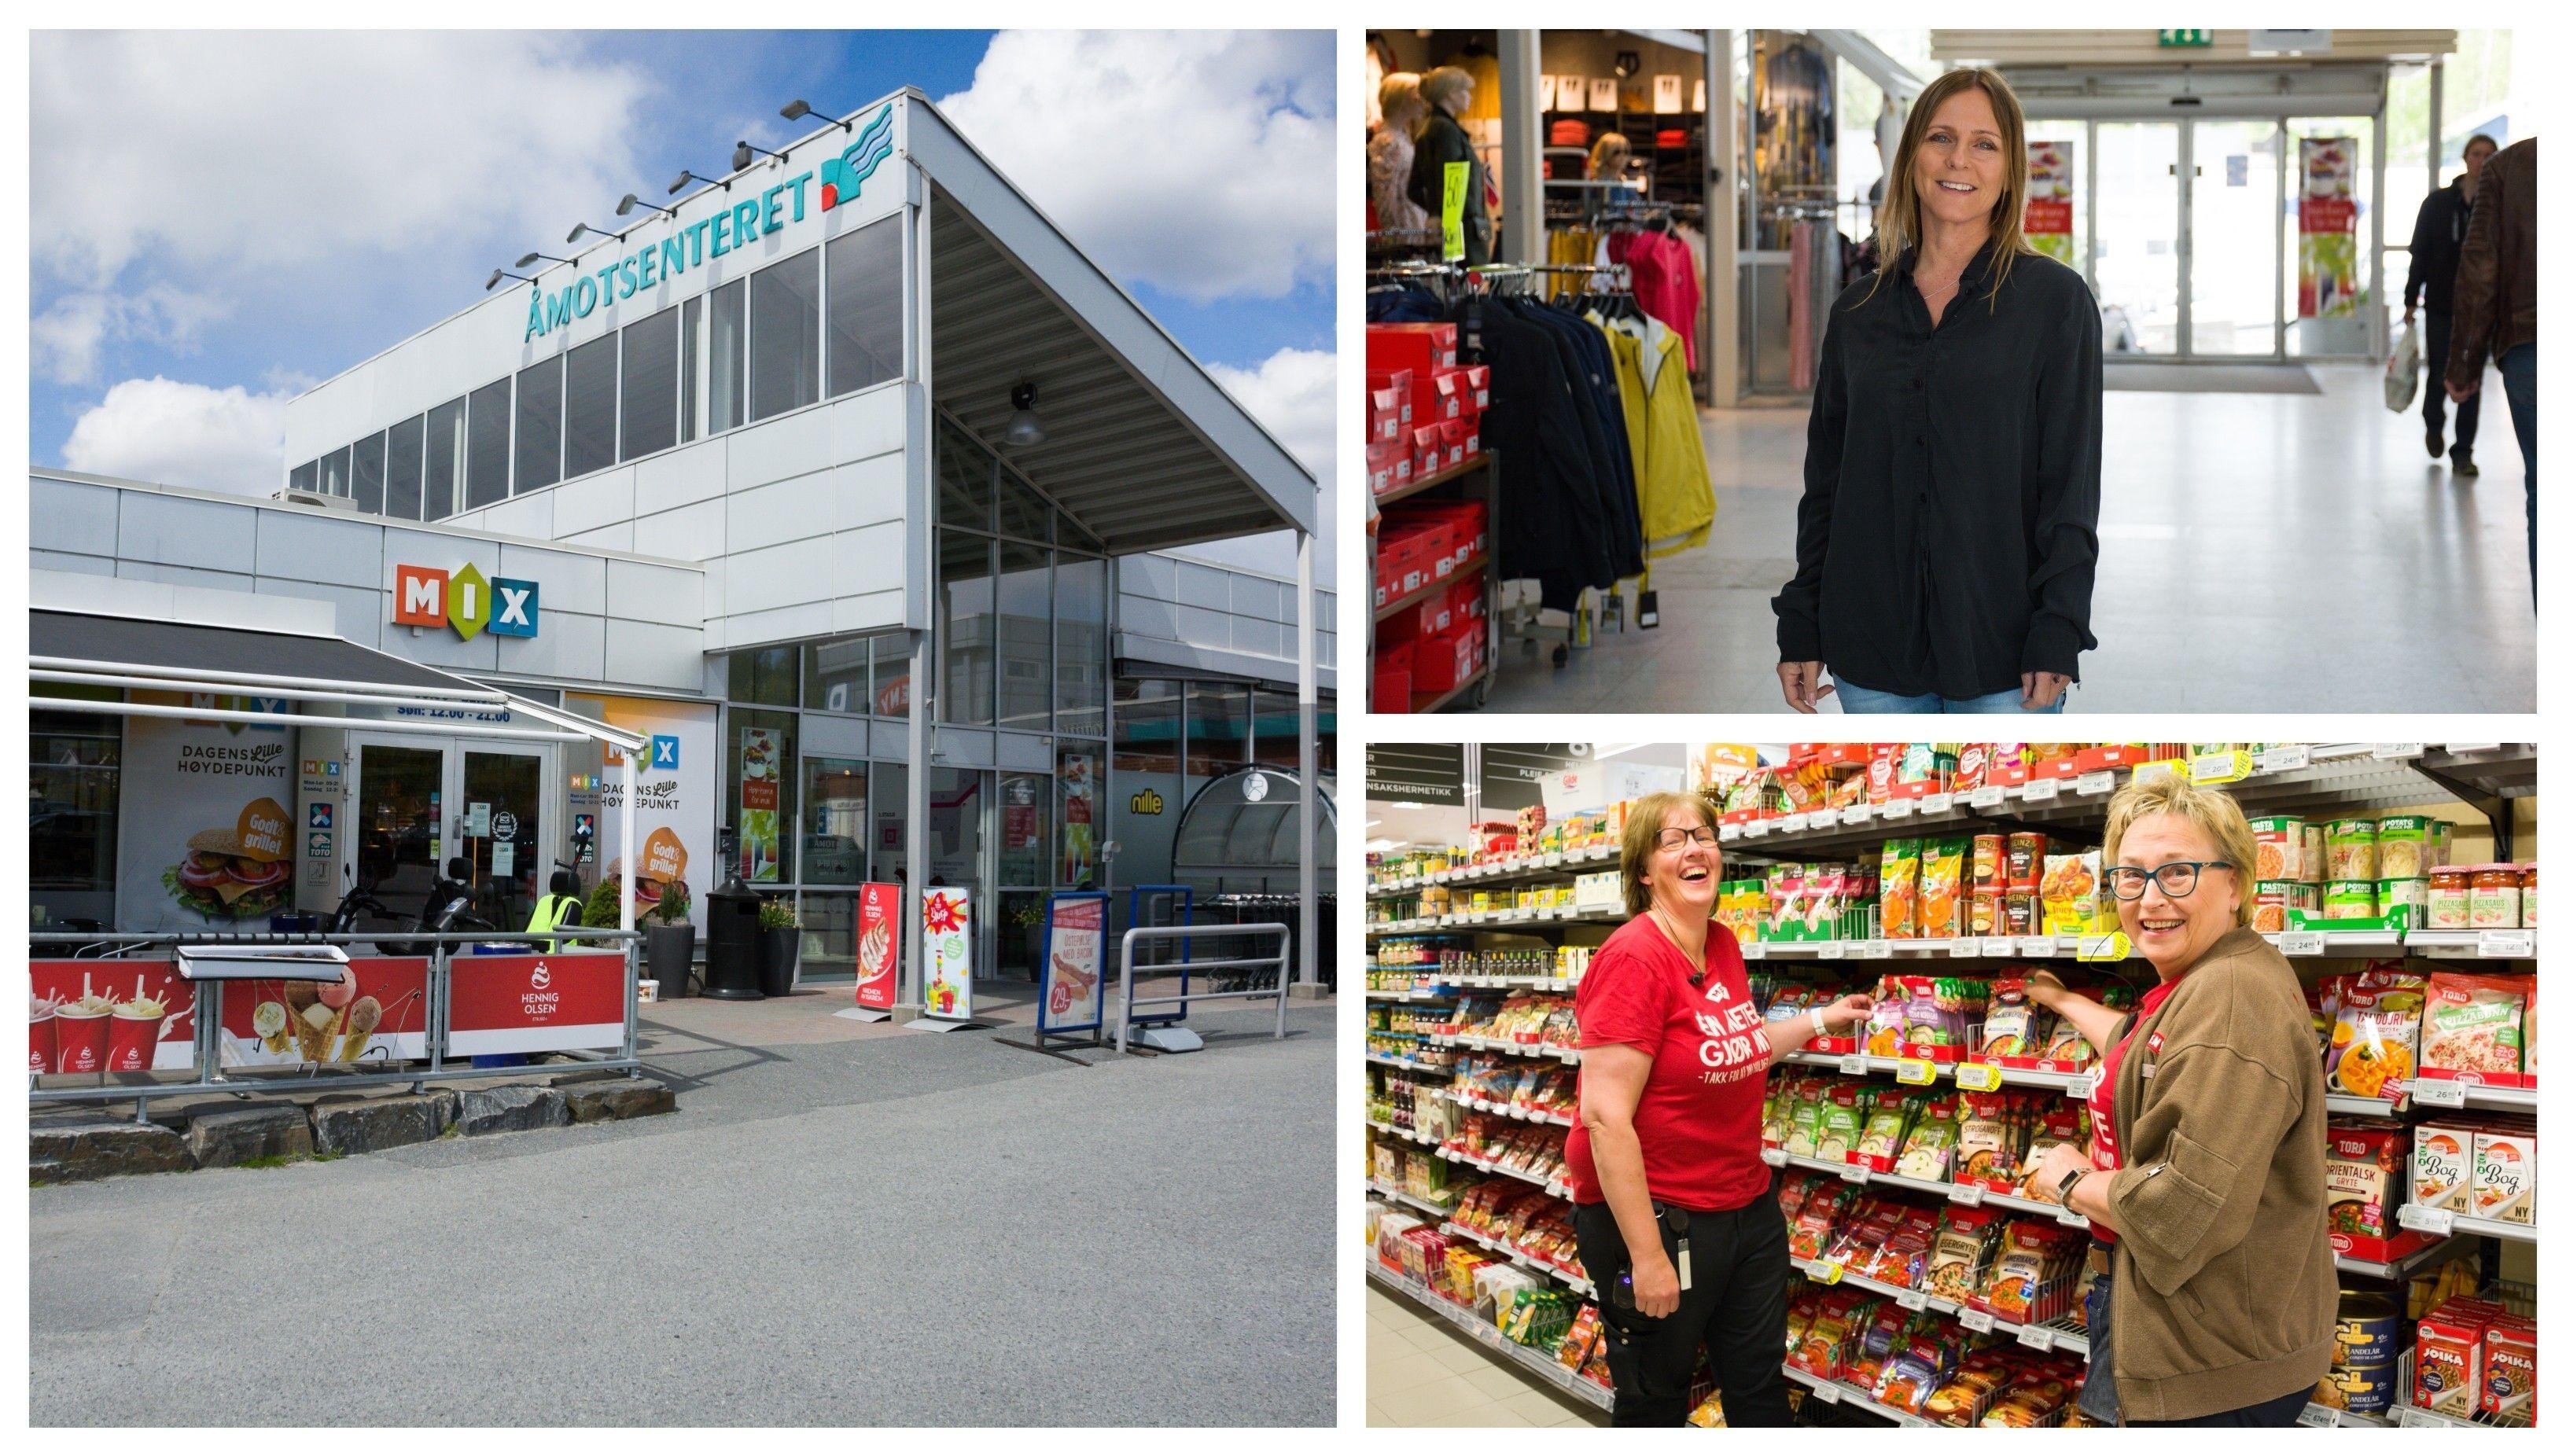 Den lokale handelsstanden er avhengig av sine kunder i disse tider. Åmotsenteret gleder seg over alle kunder som tar turen.